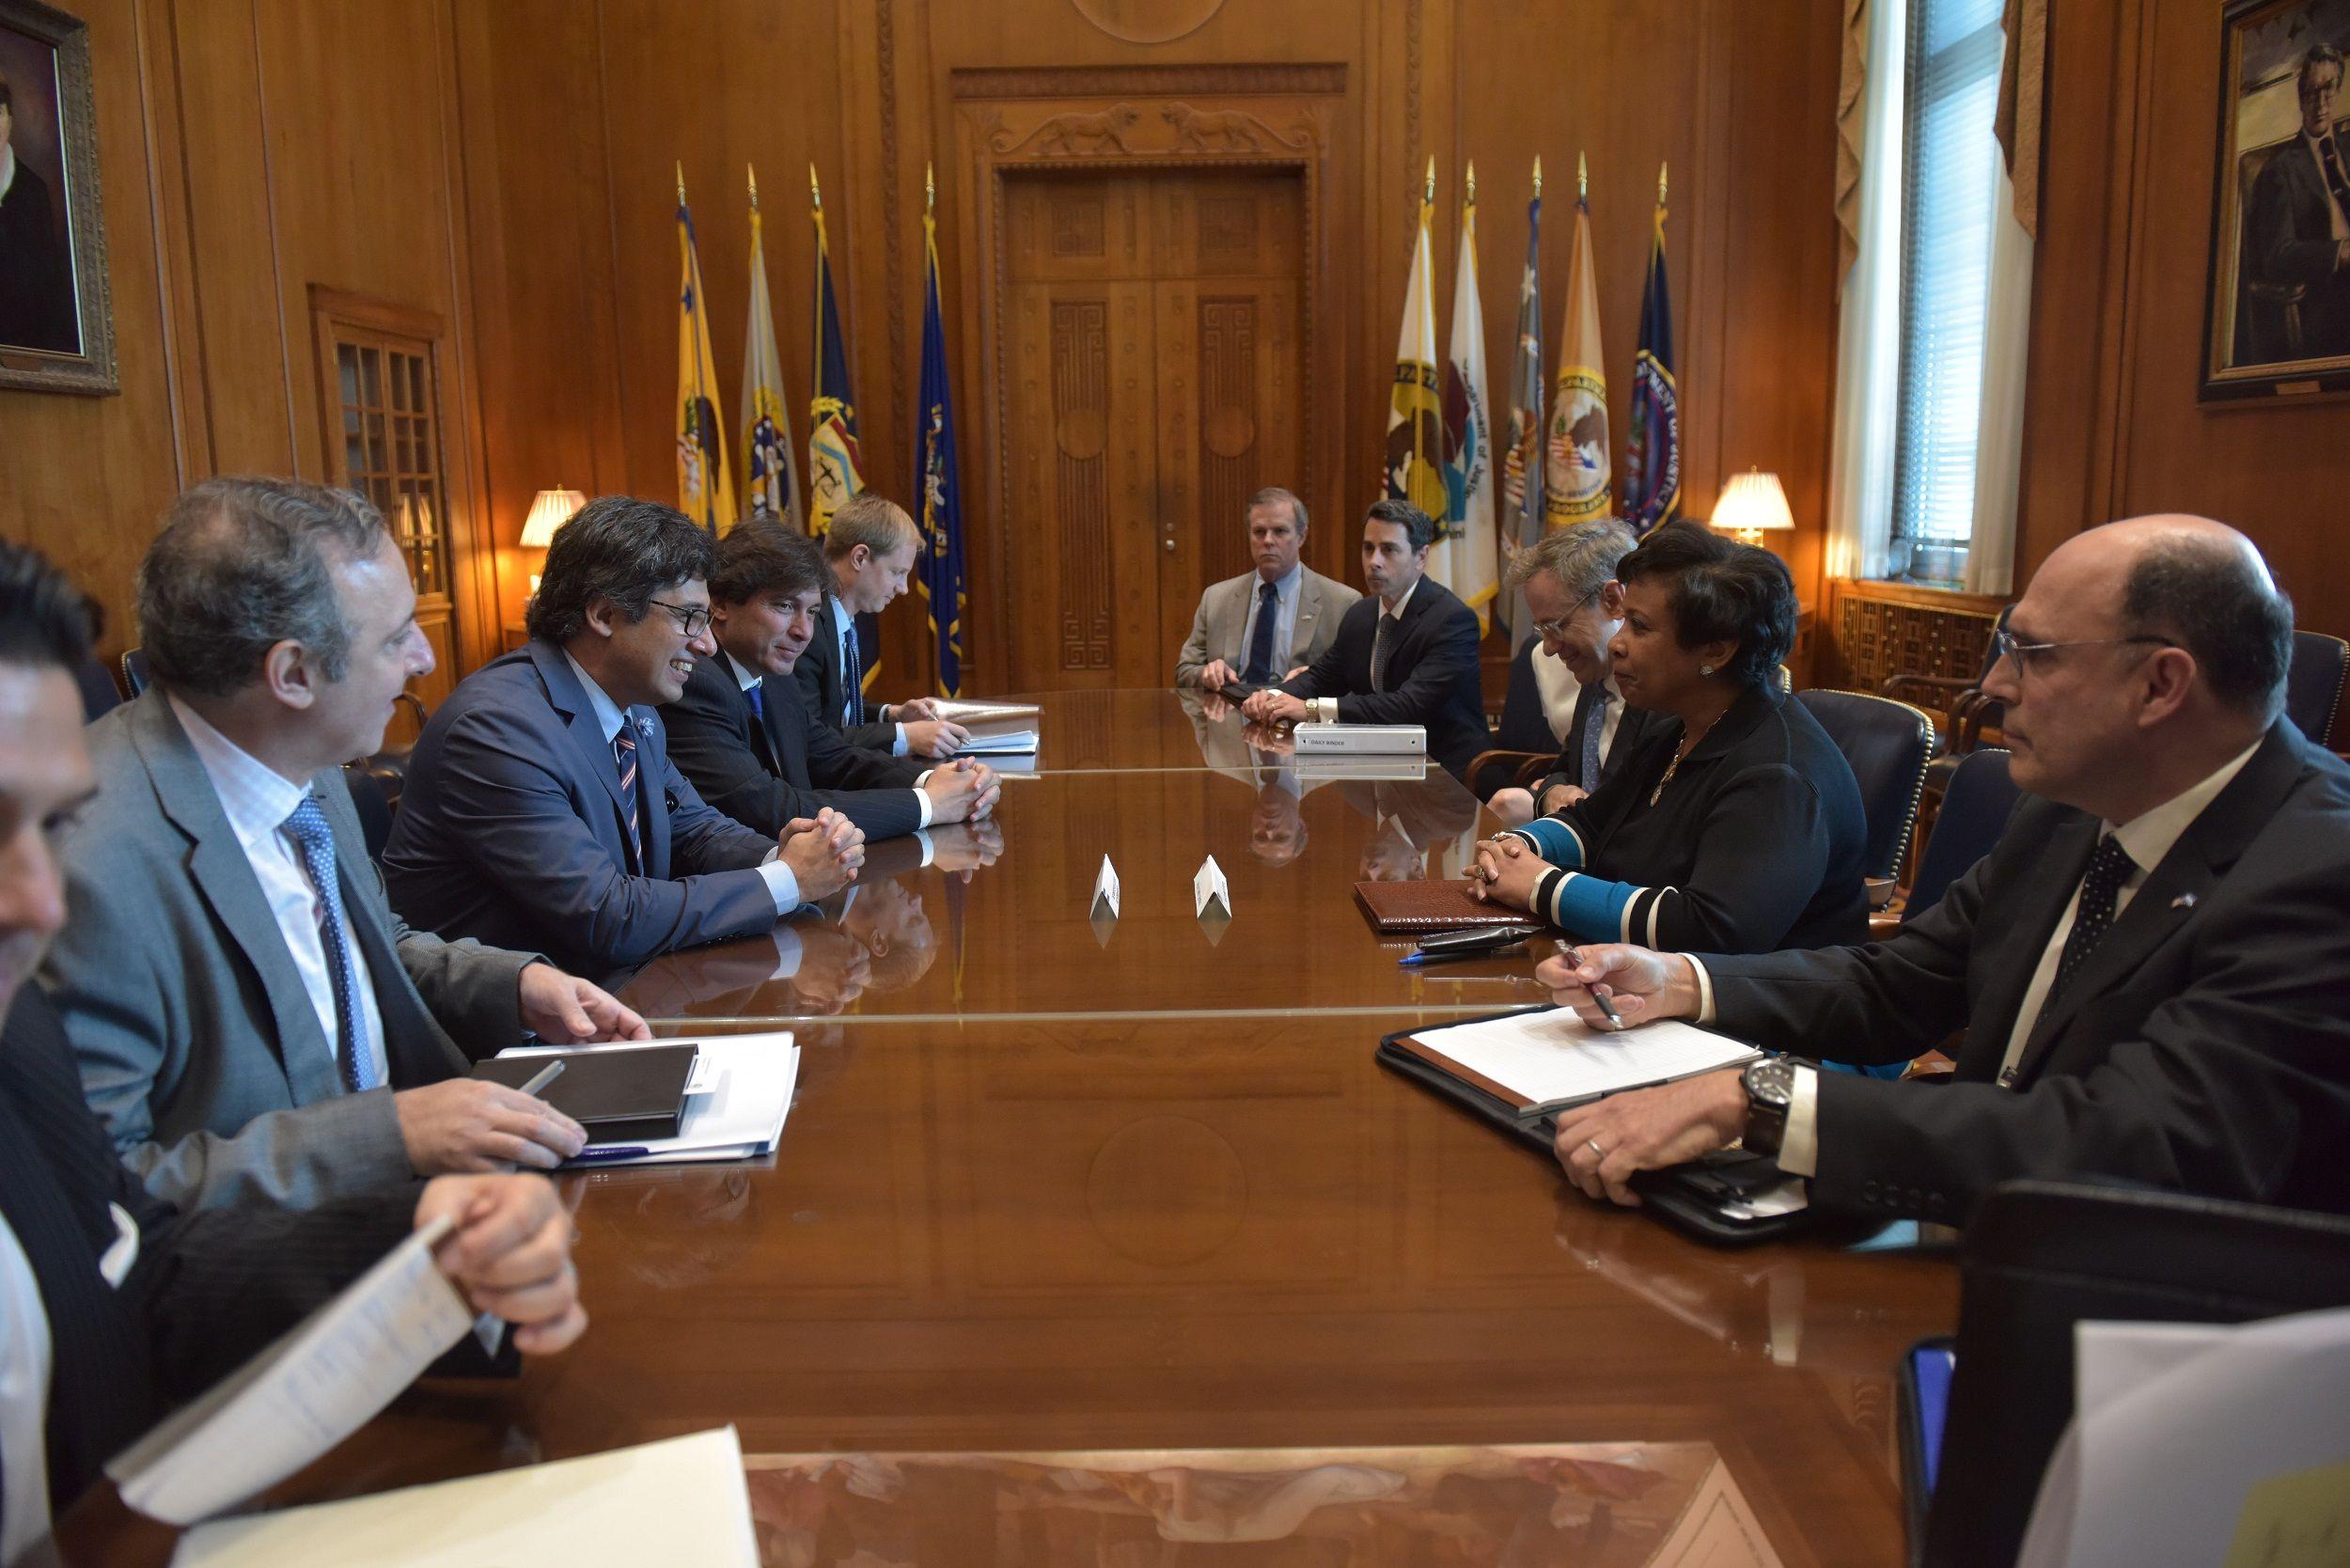 Estados Unidos ofreció cooperación técnica para esclarecer la muerte de Nisman